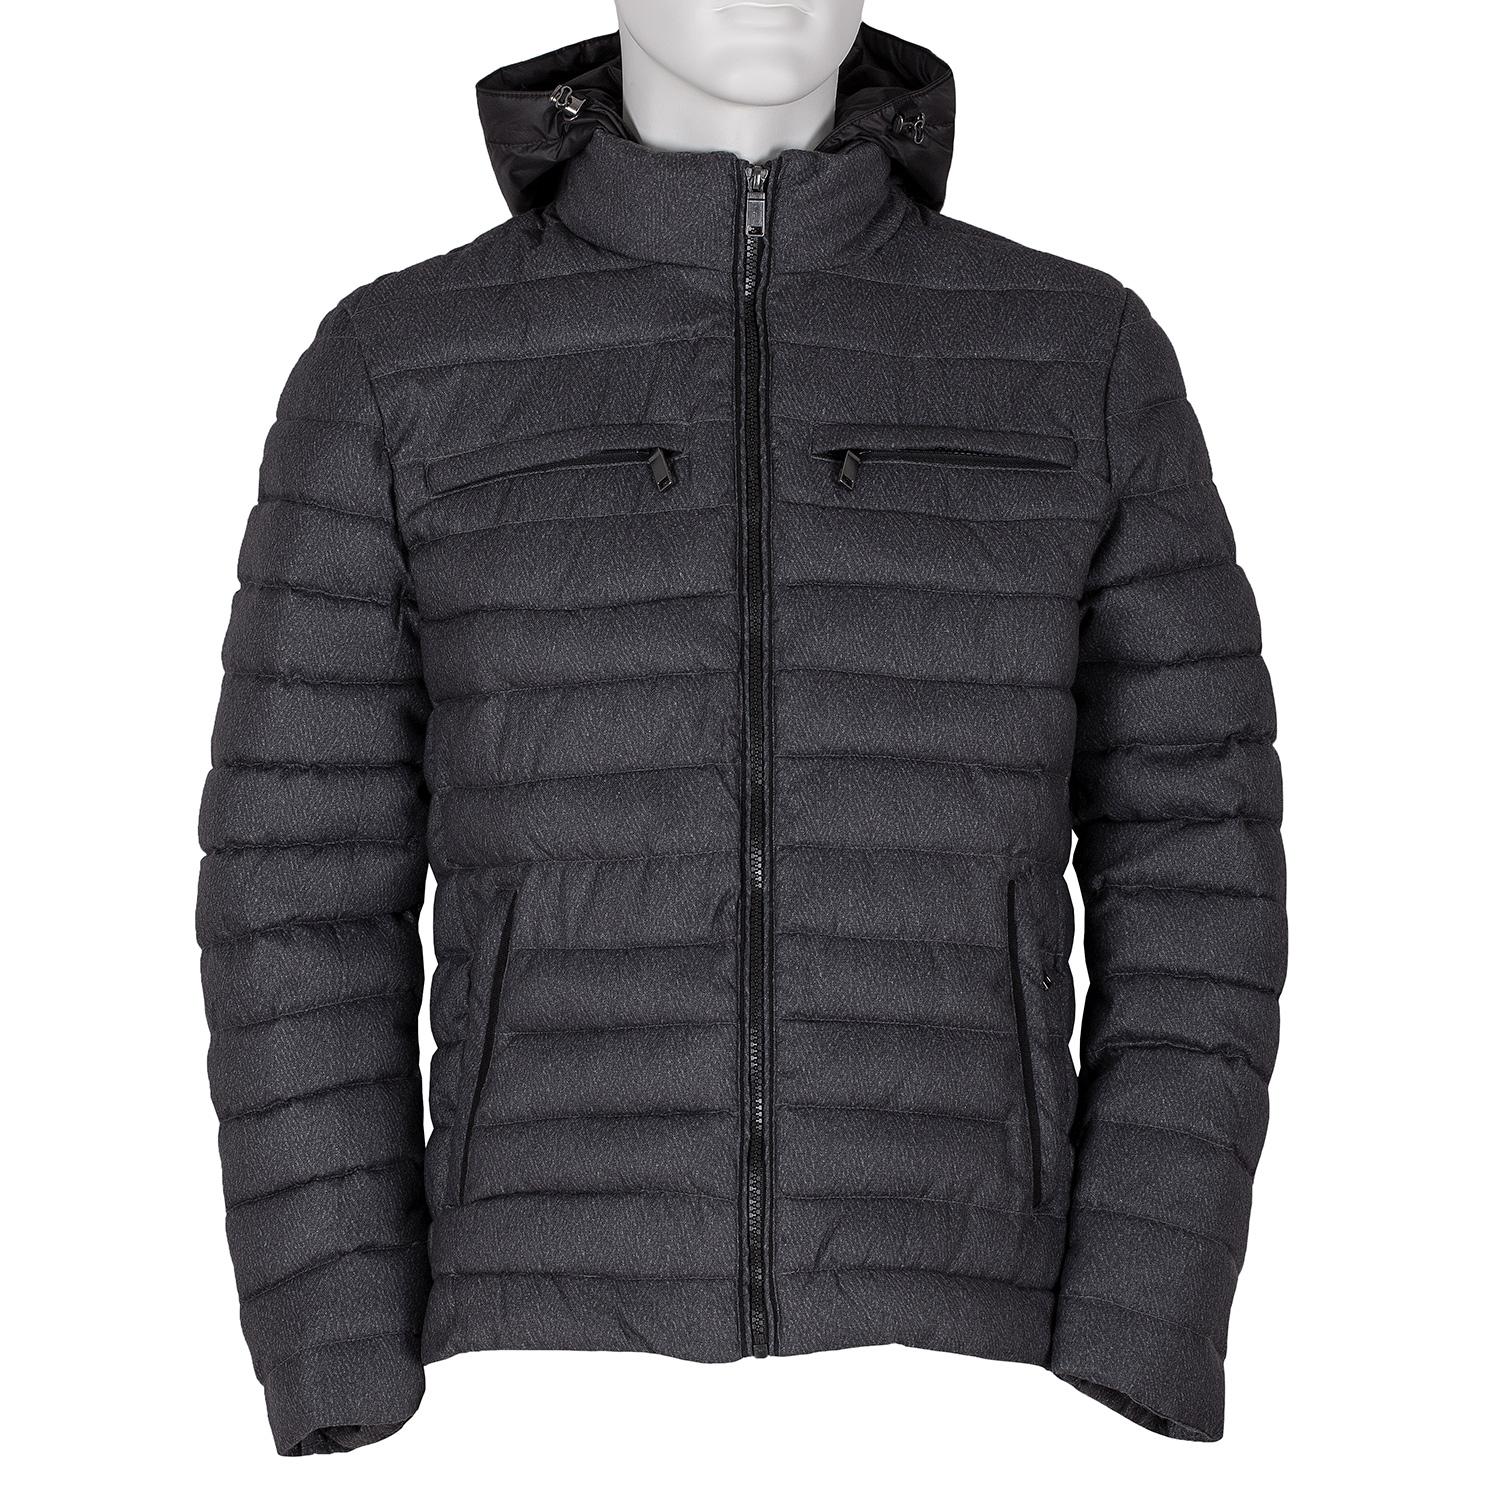 Šedá pánská bunda s kapucí a kapsami